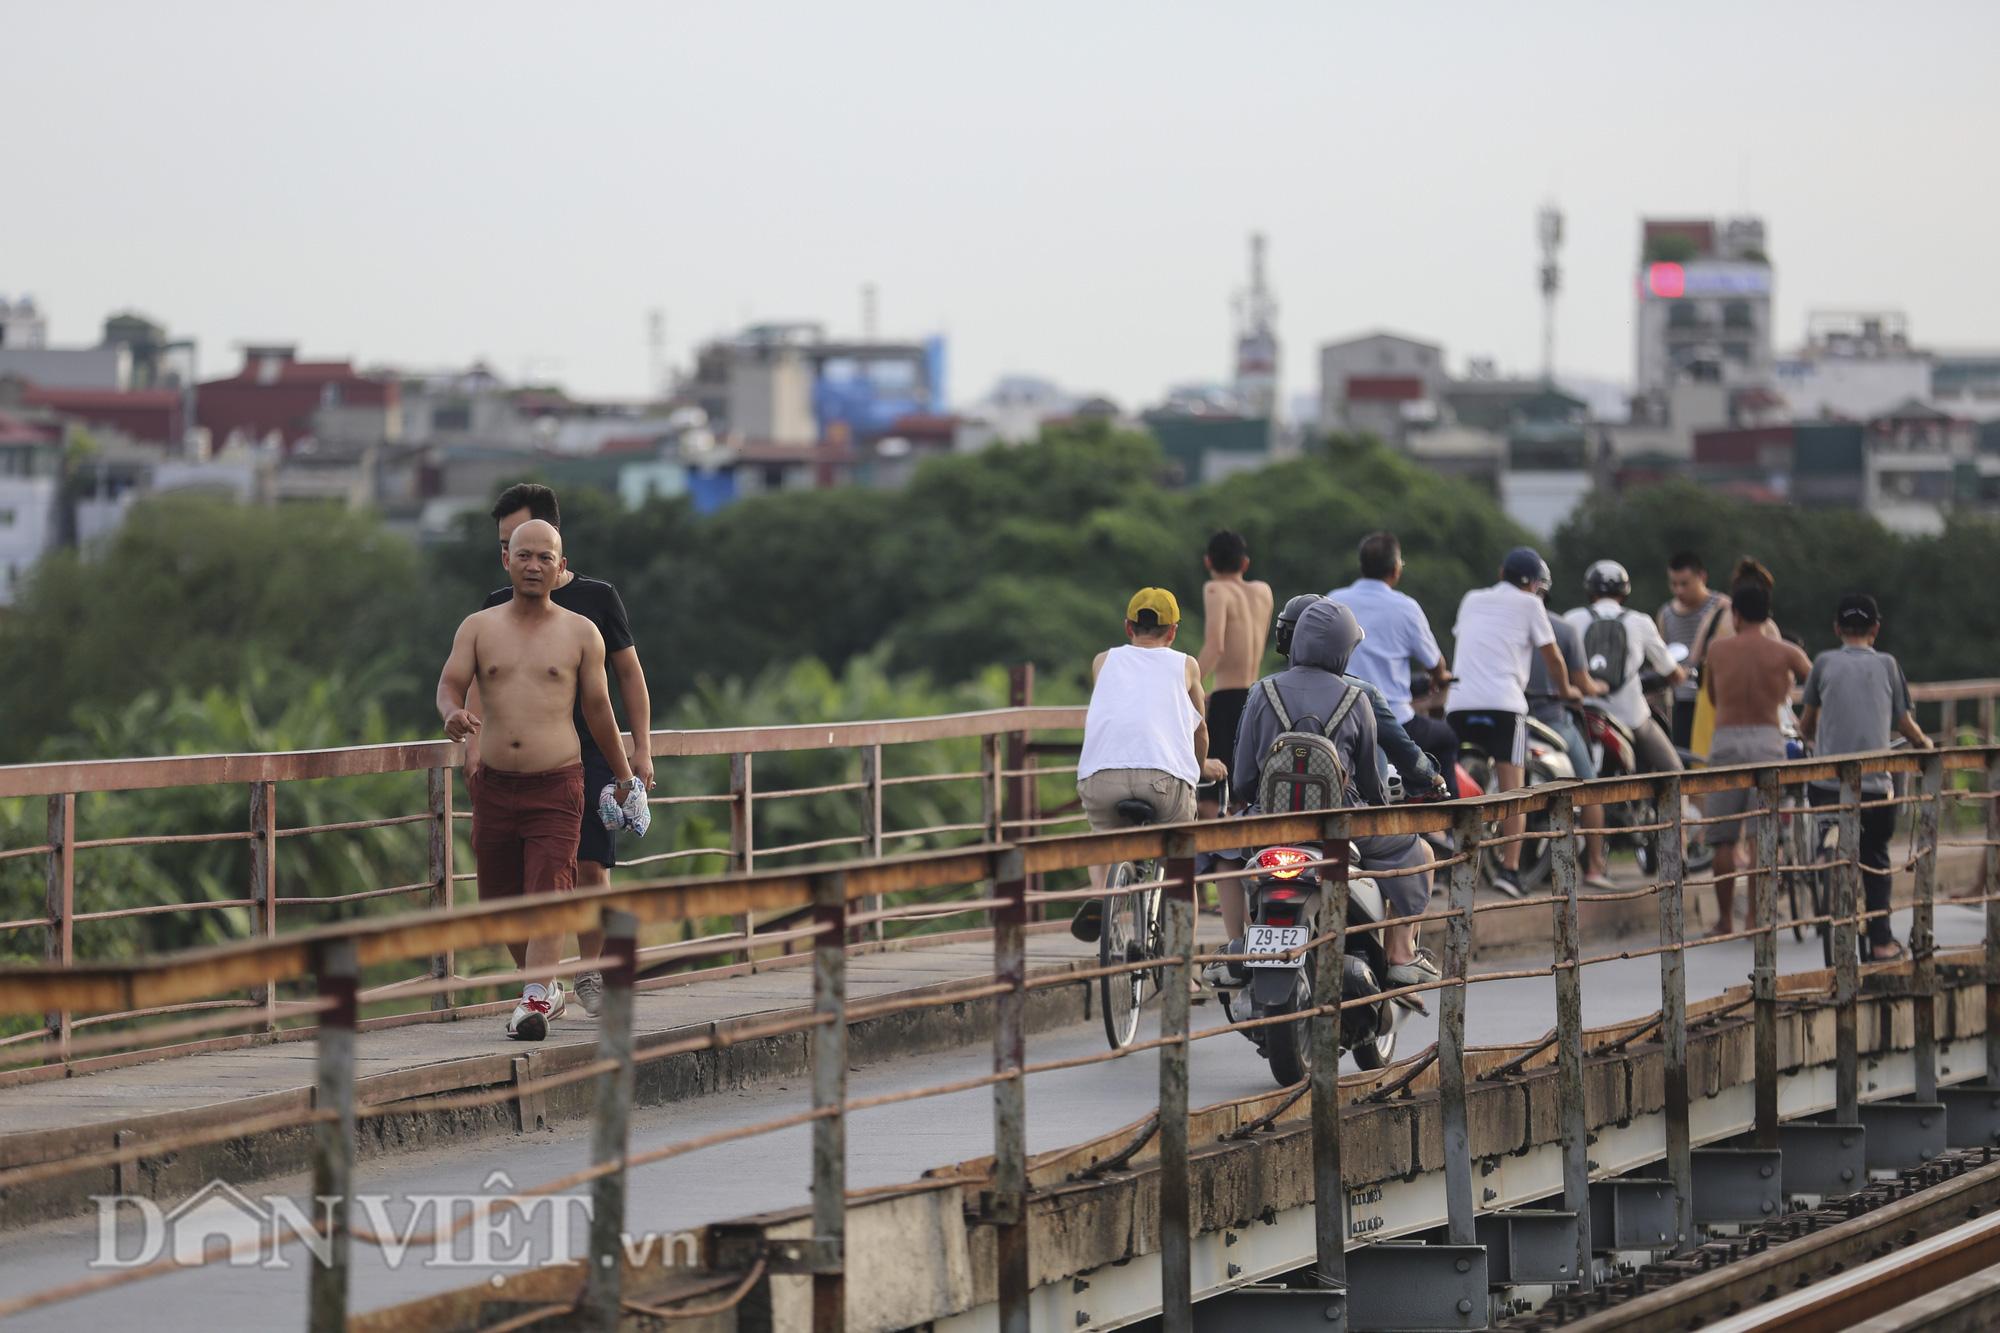 Mặc biển cấm, người dân vẫn vô tư đi bộ trên cầu Long Biên - Ảnh 5.